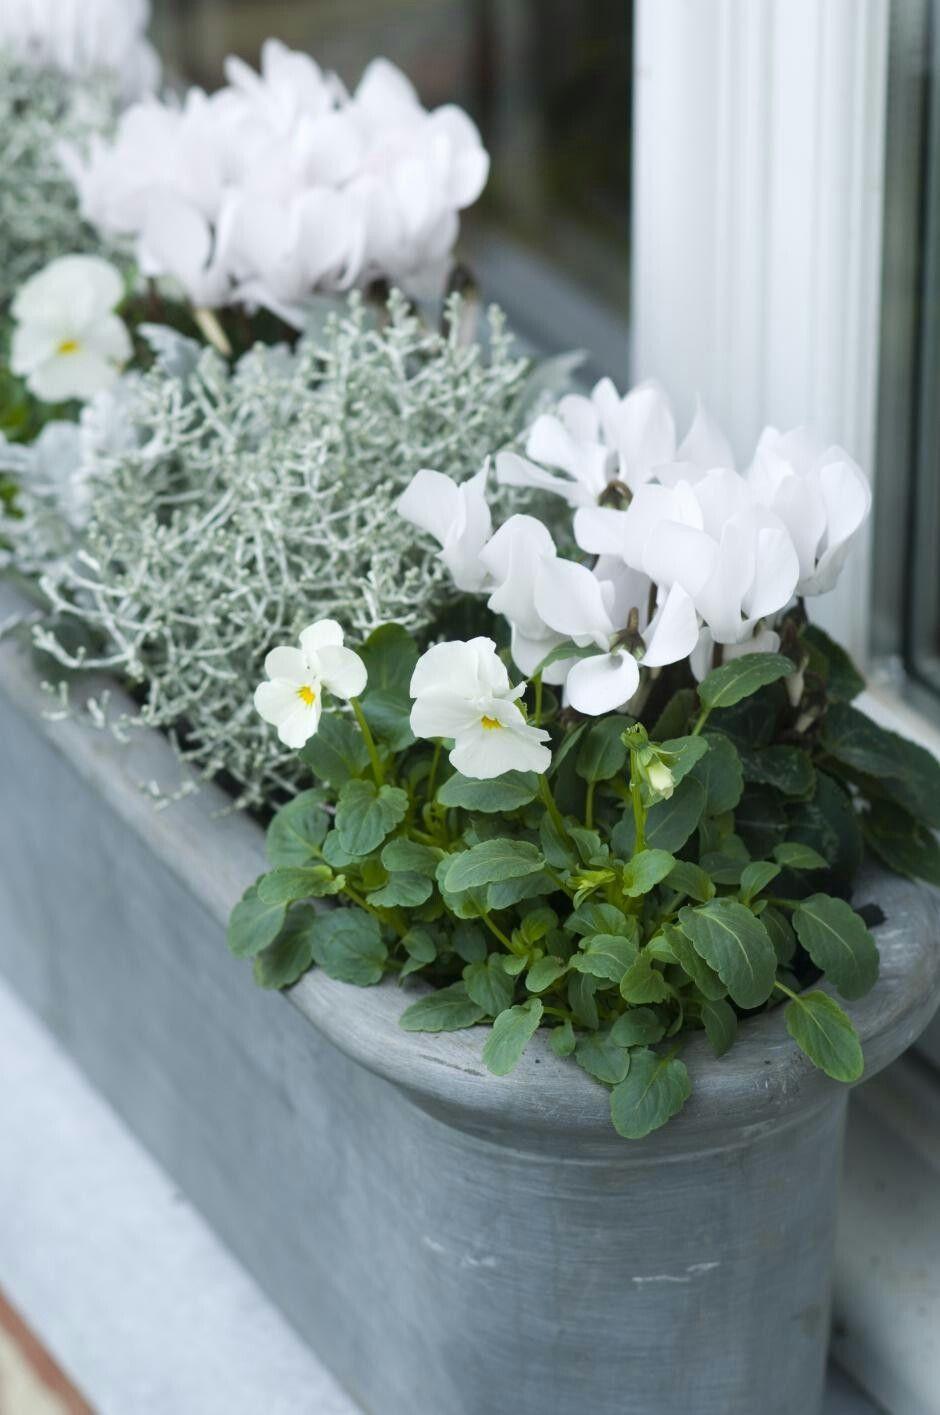 Composizione Vasi Da Balcone pin di eli su balcone (con immagini) | fiori d'inverno